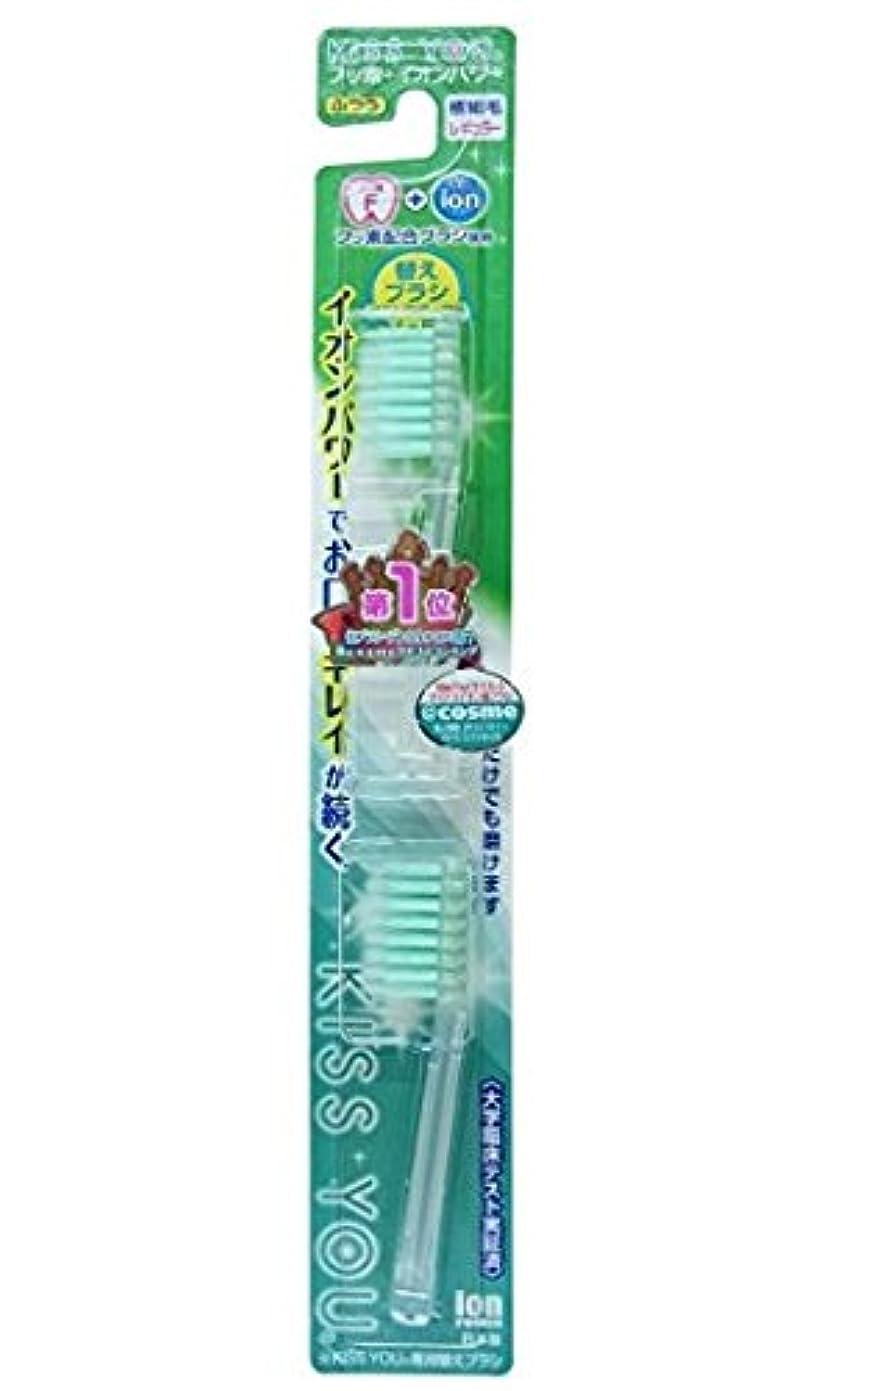 メナジェリーアミューズ気がついてフッ素イオン歯ブラシ極細レギュラー替えブラシふつう × 120個セット